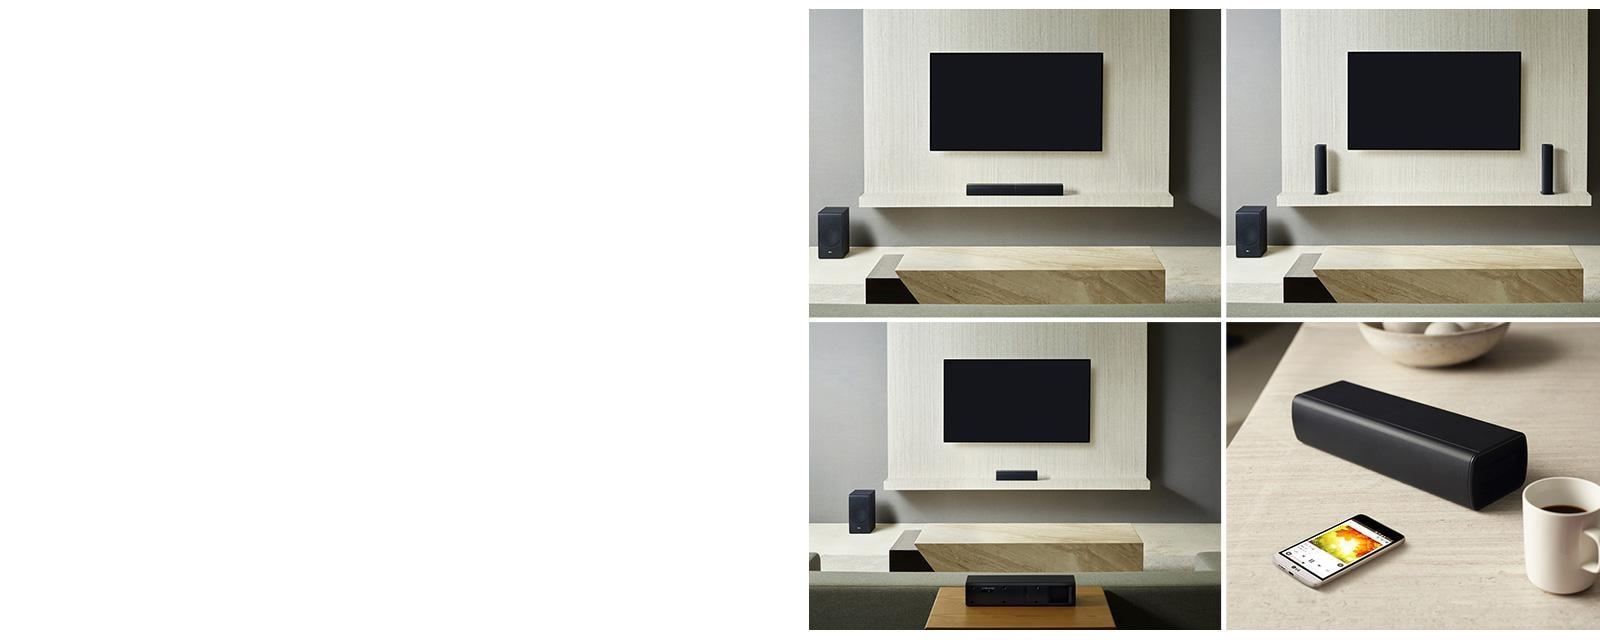 LG SJ7: Sound Bar Flex w/ Wireless Subwoofer | LG USA